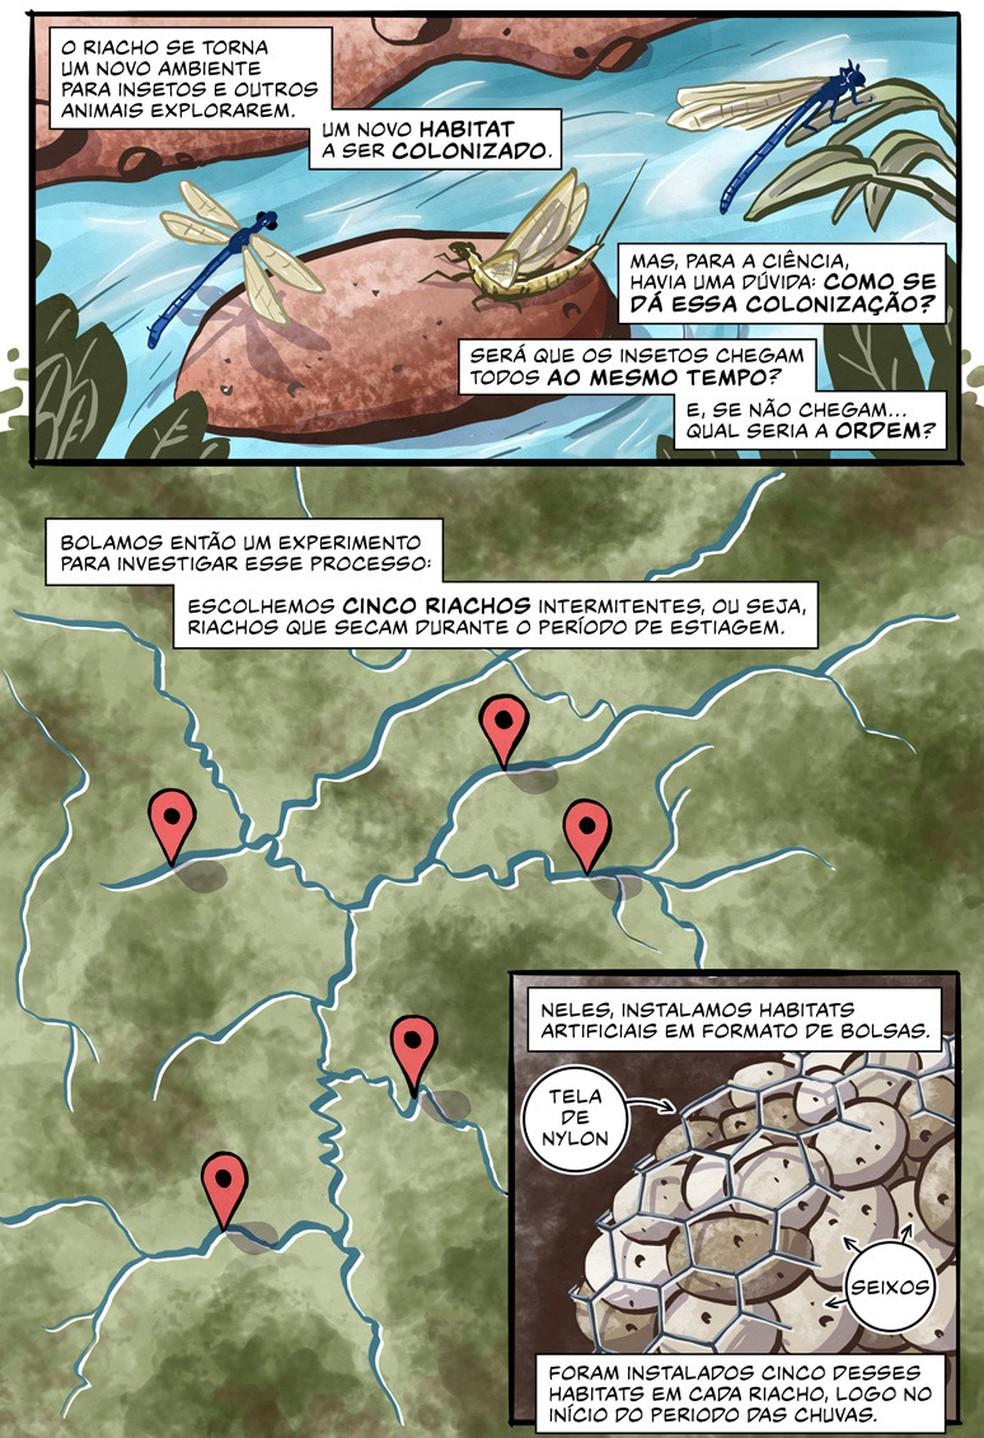 """""""Ciclos"""" - parte 2: história em quadrinhos ilustra e reconta os resultados de artigo científico sobre o ciclo de vida dos insetos — Foto: Divulgação/Luciano Queiroz e Marco Merlin"""